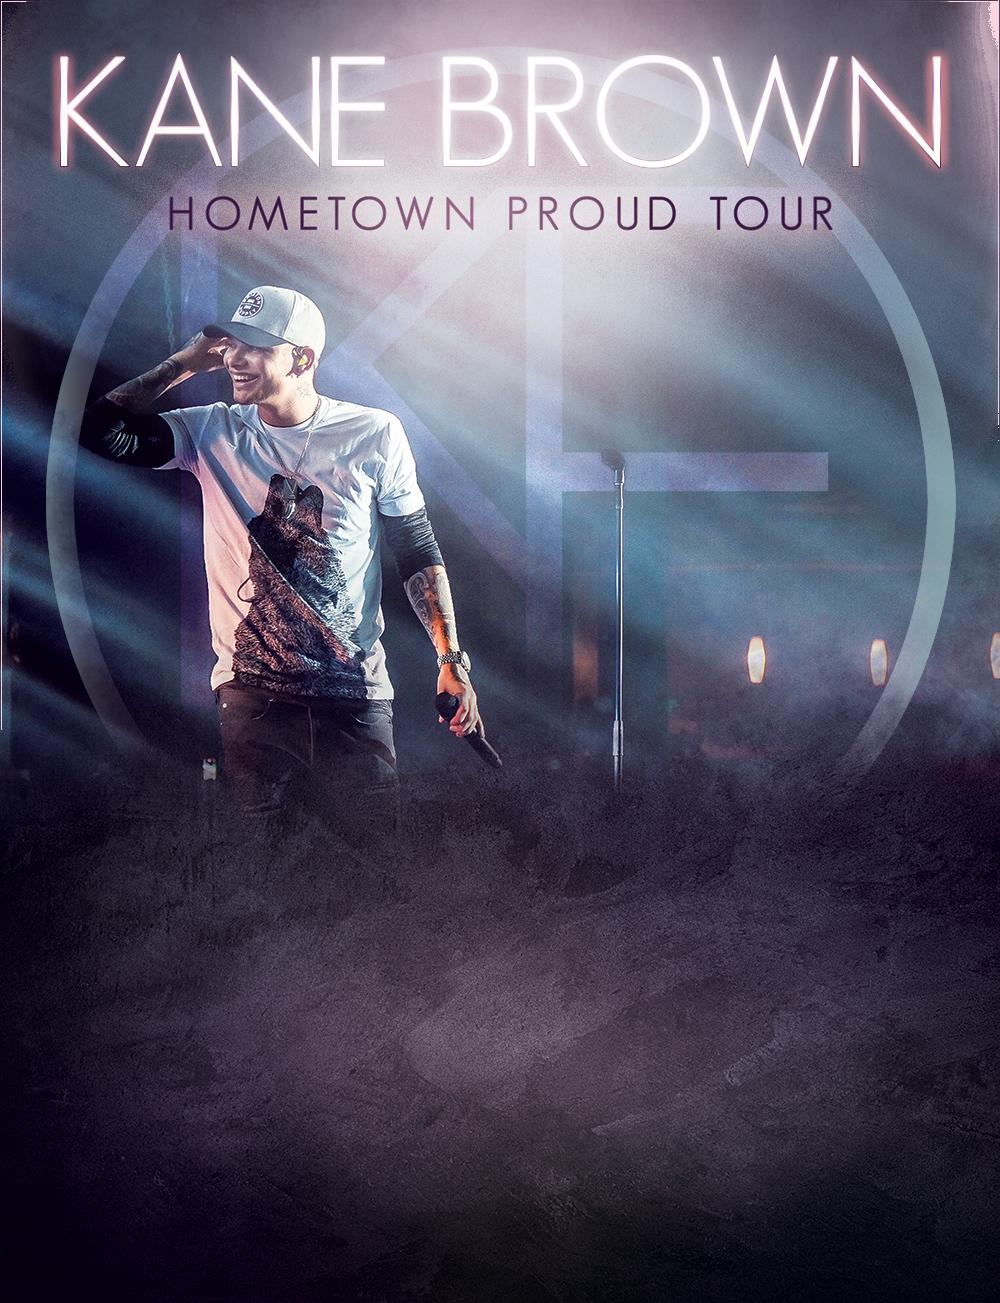 Kane Brown Hometown Proud Tour 2017